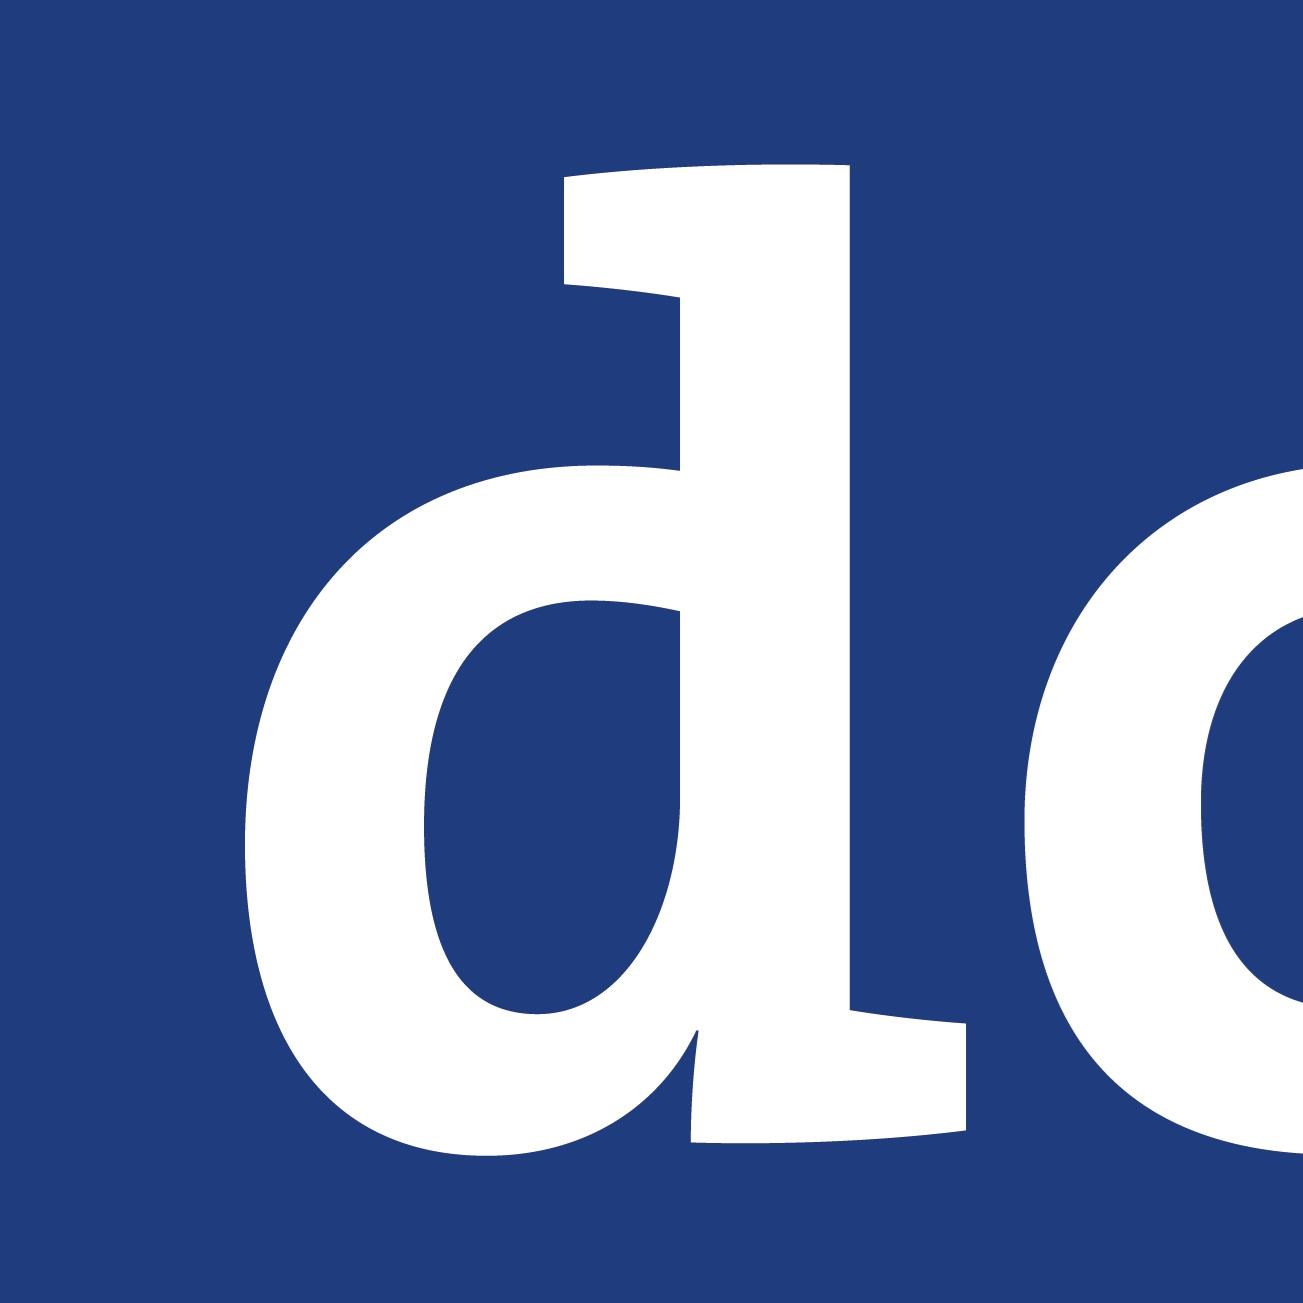 Afbeelding van Domicilie hypotheken & verzekeringen